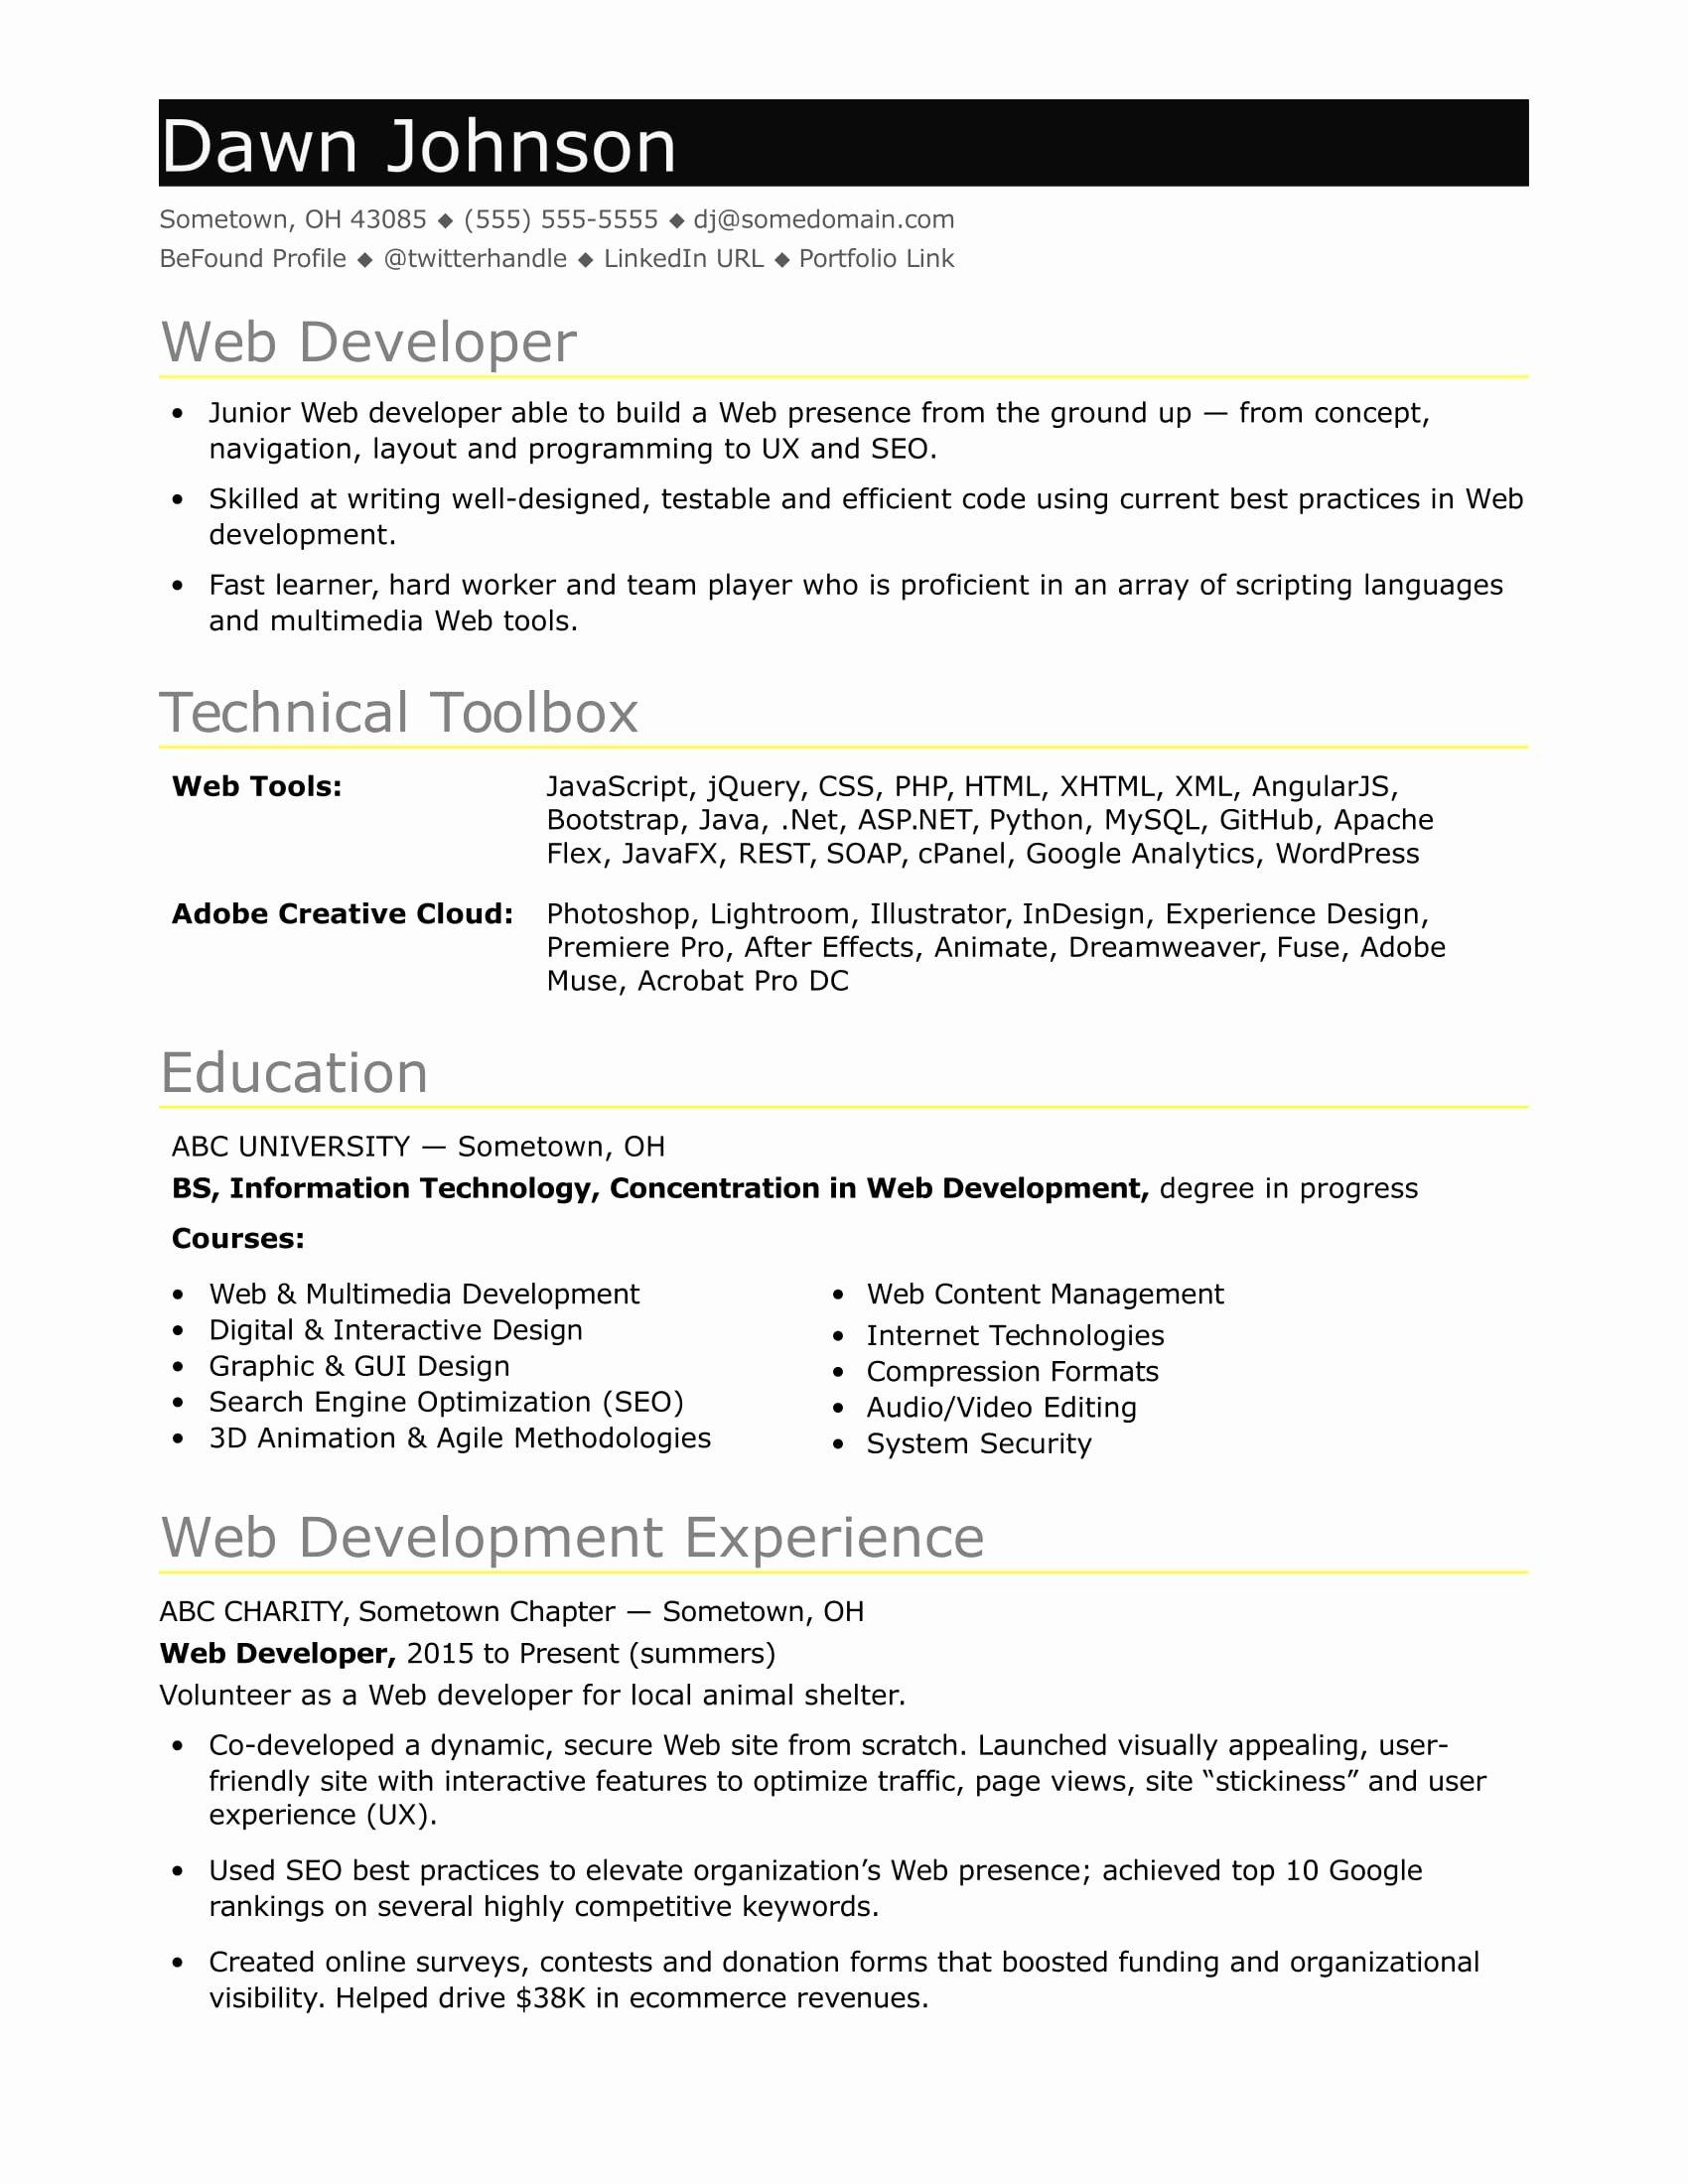 Sample Resume for An Entry Level It Developer